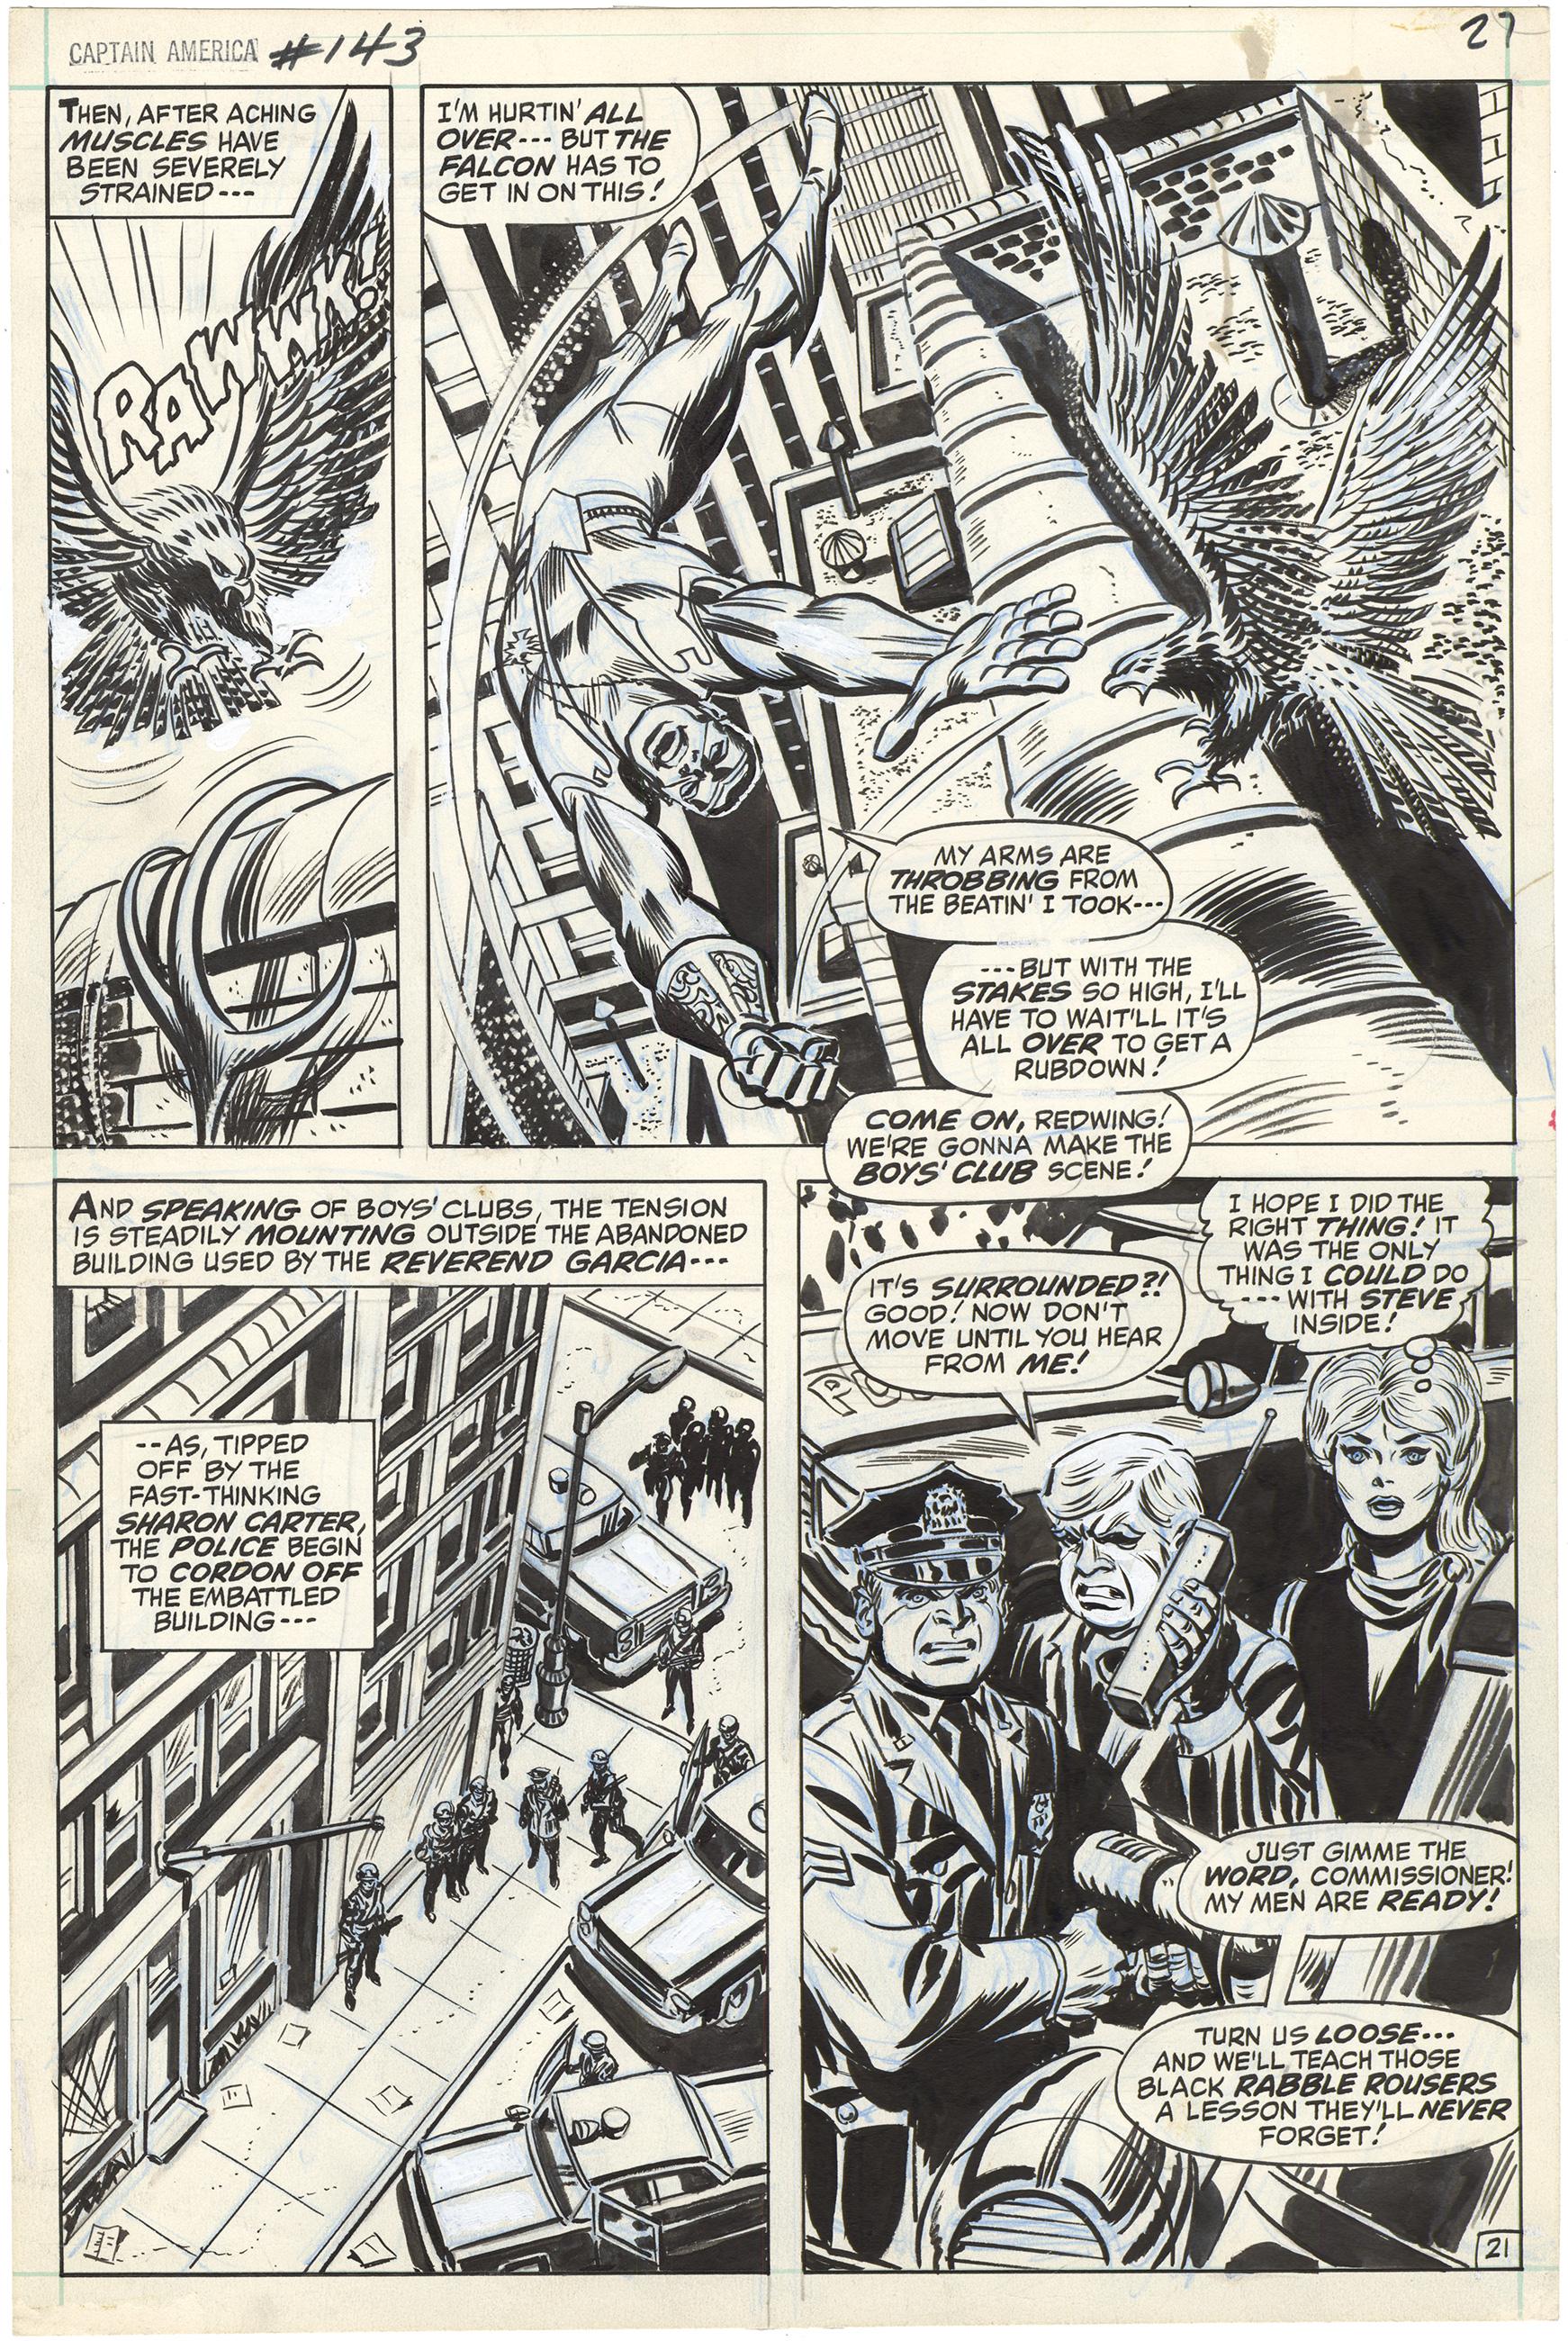 Captain America #143 p21